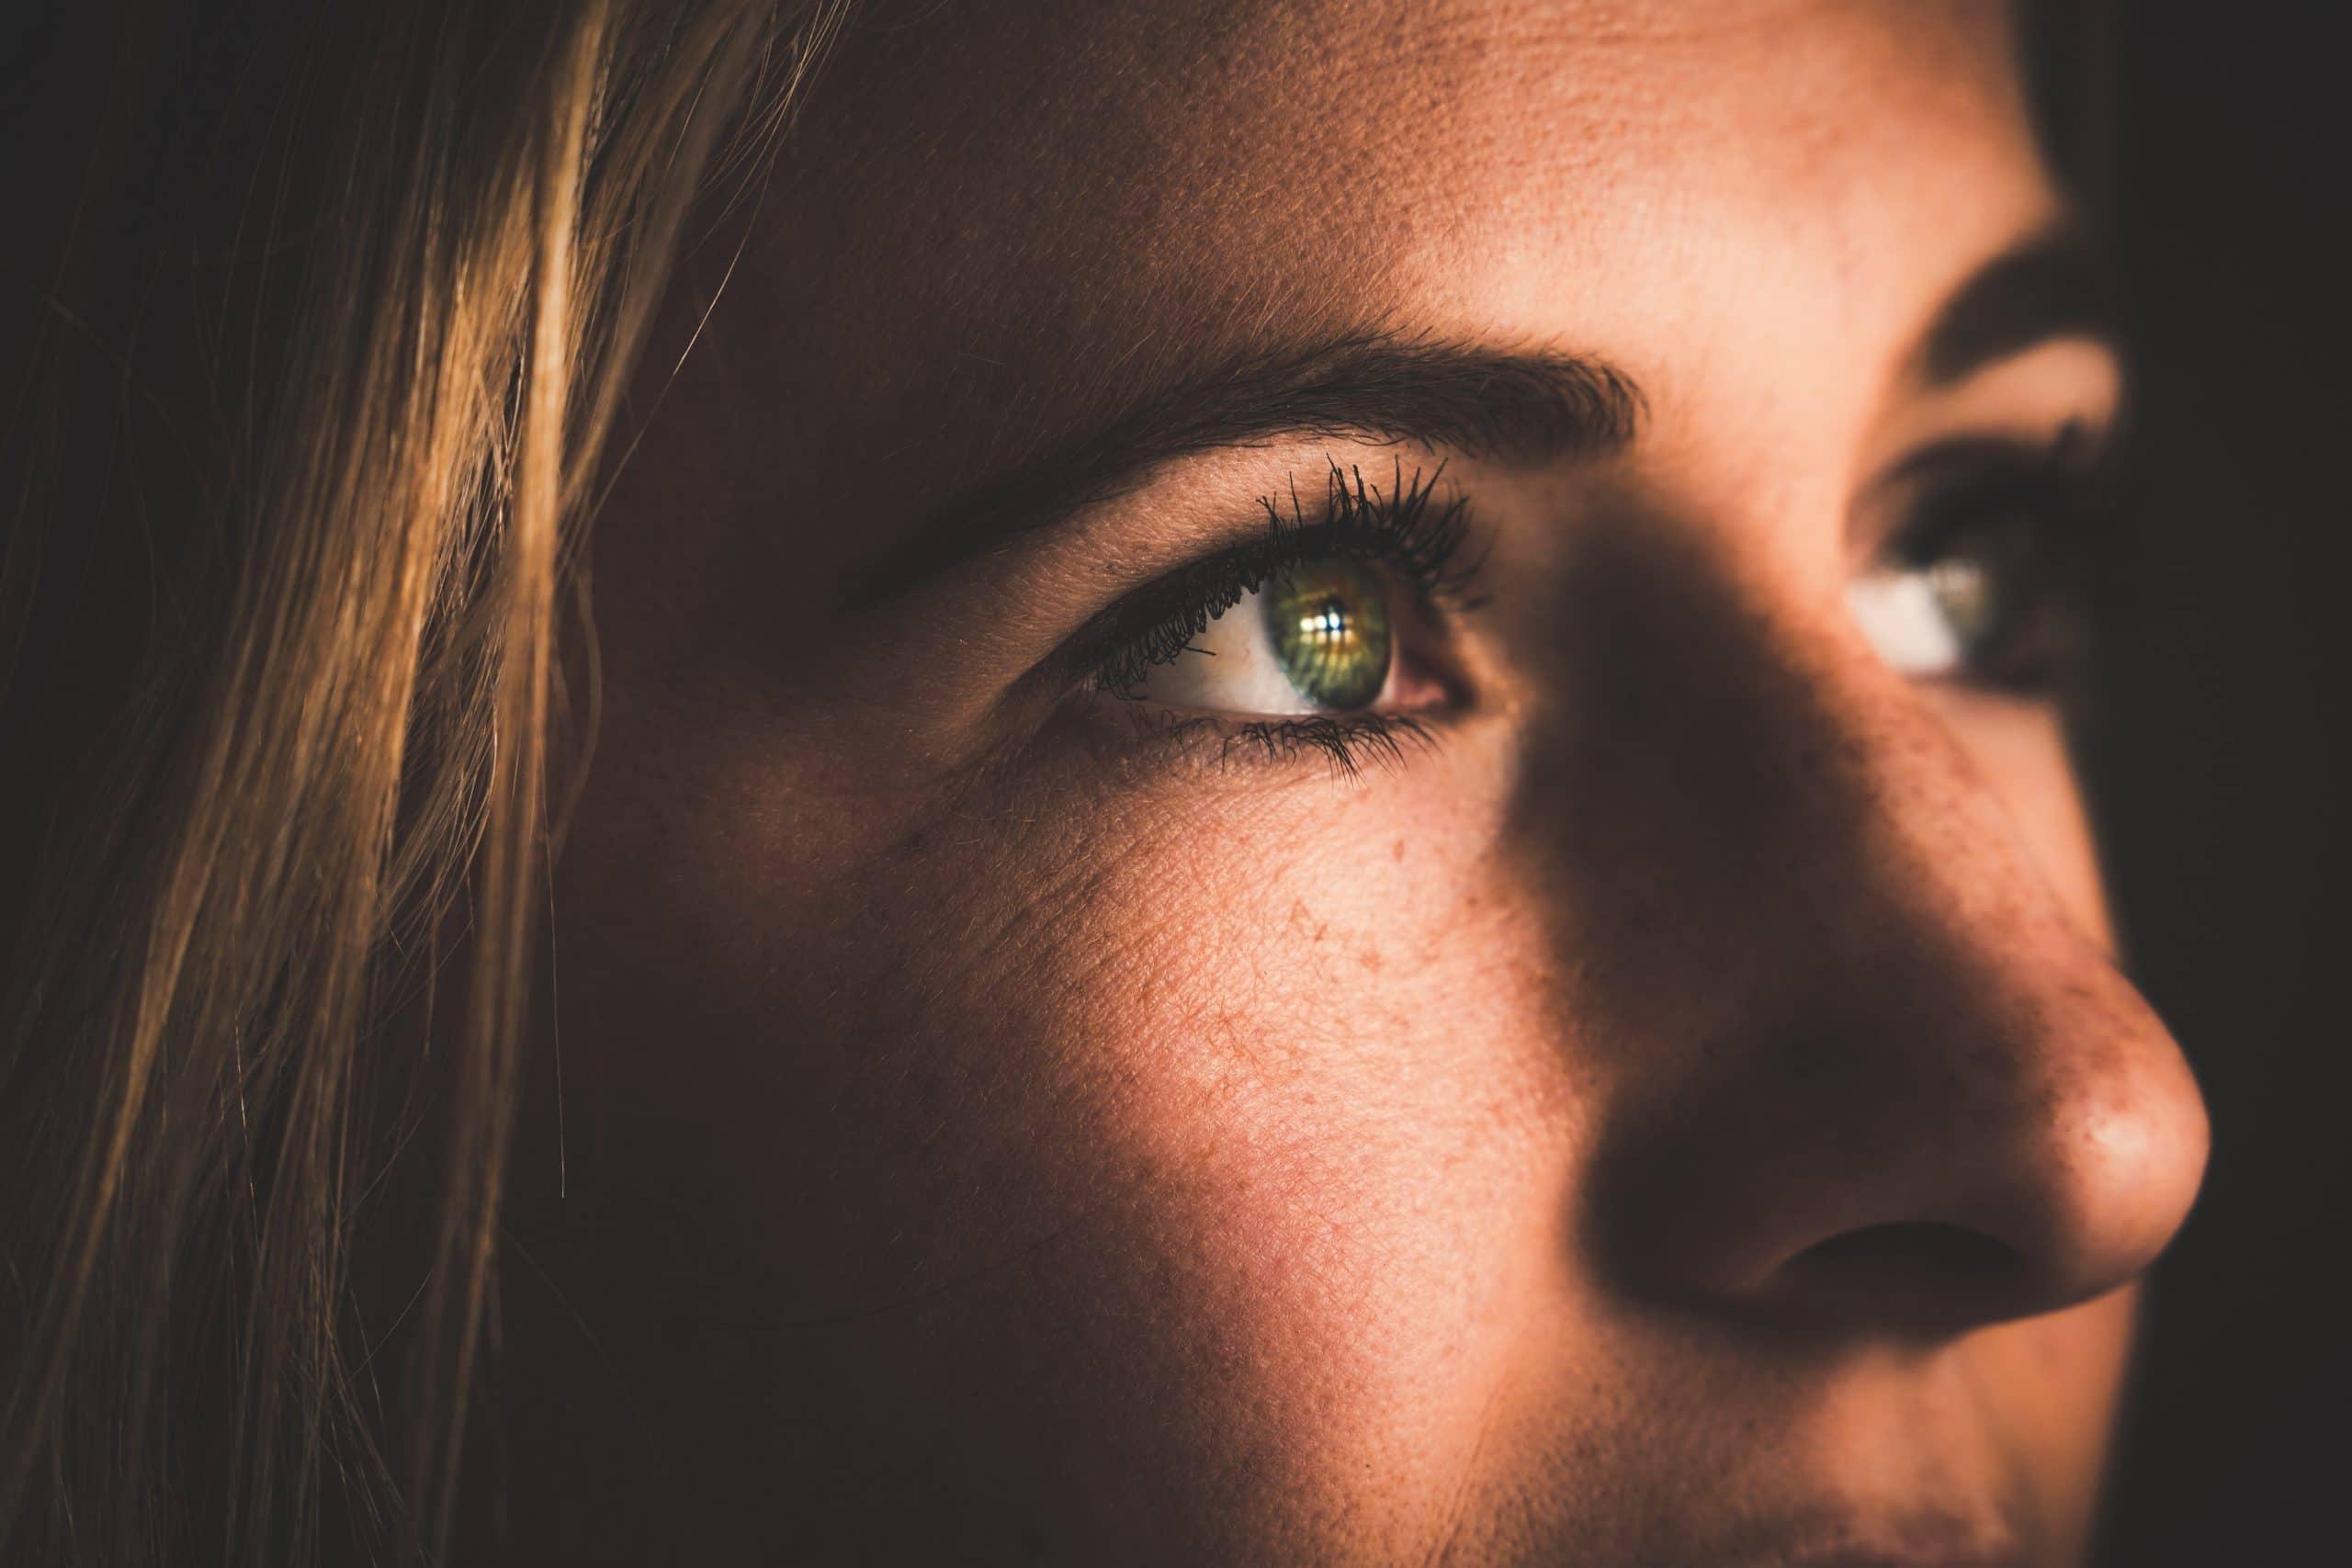 ogen vrouw